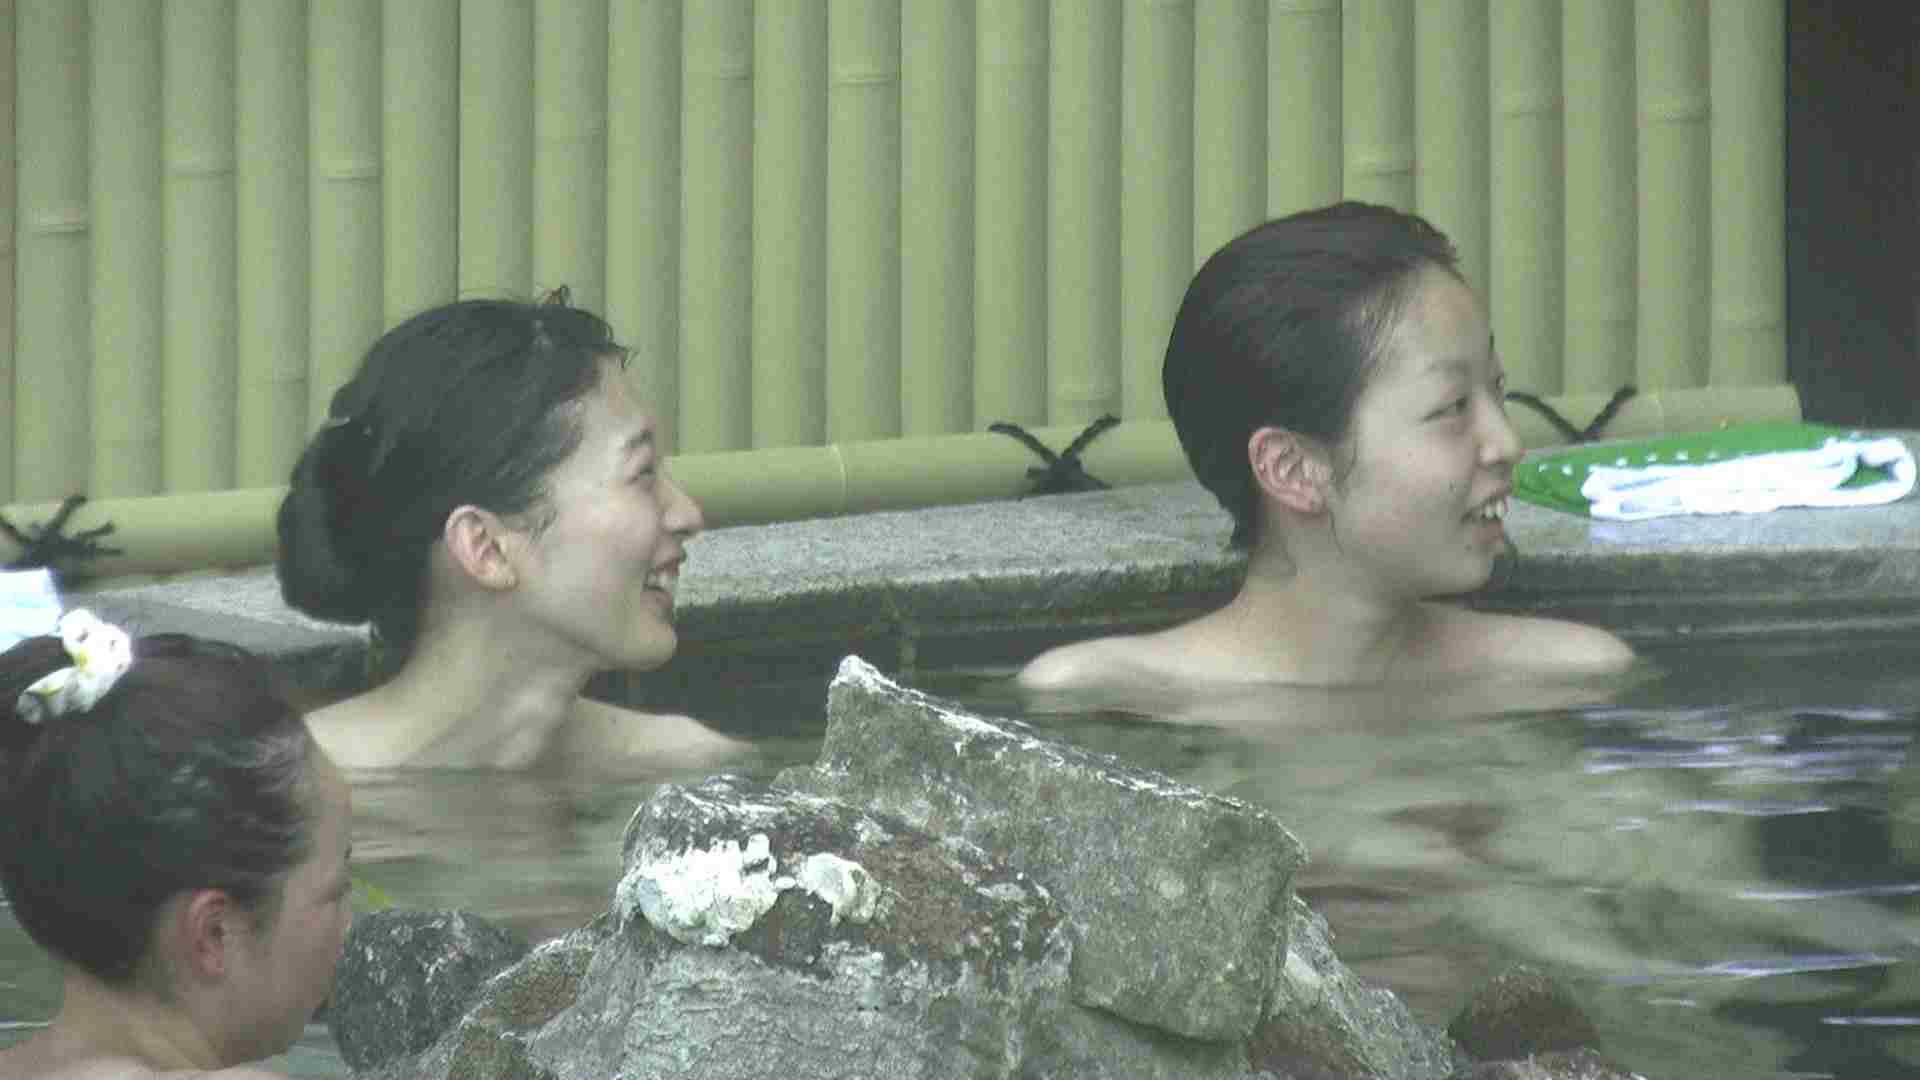 Aquaな露天風呂Vol.195 OL  67pic 1